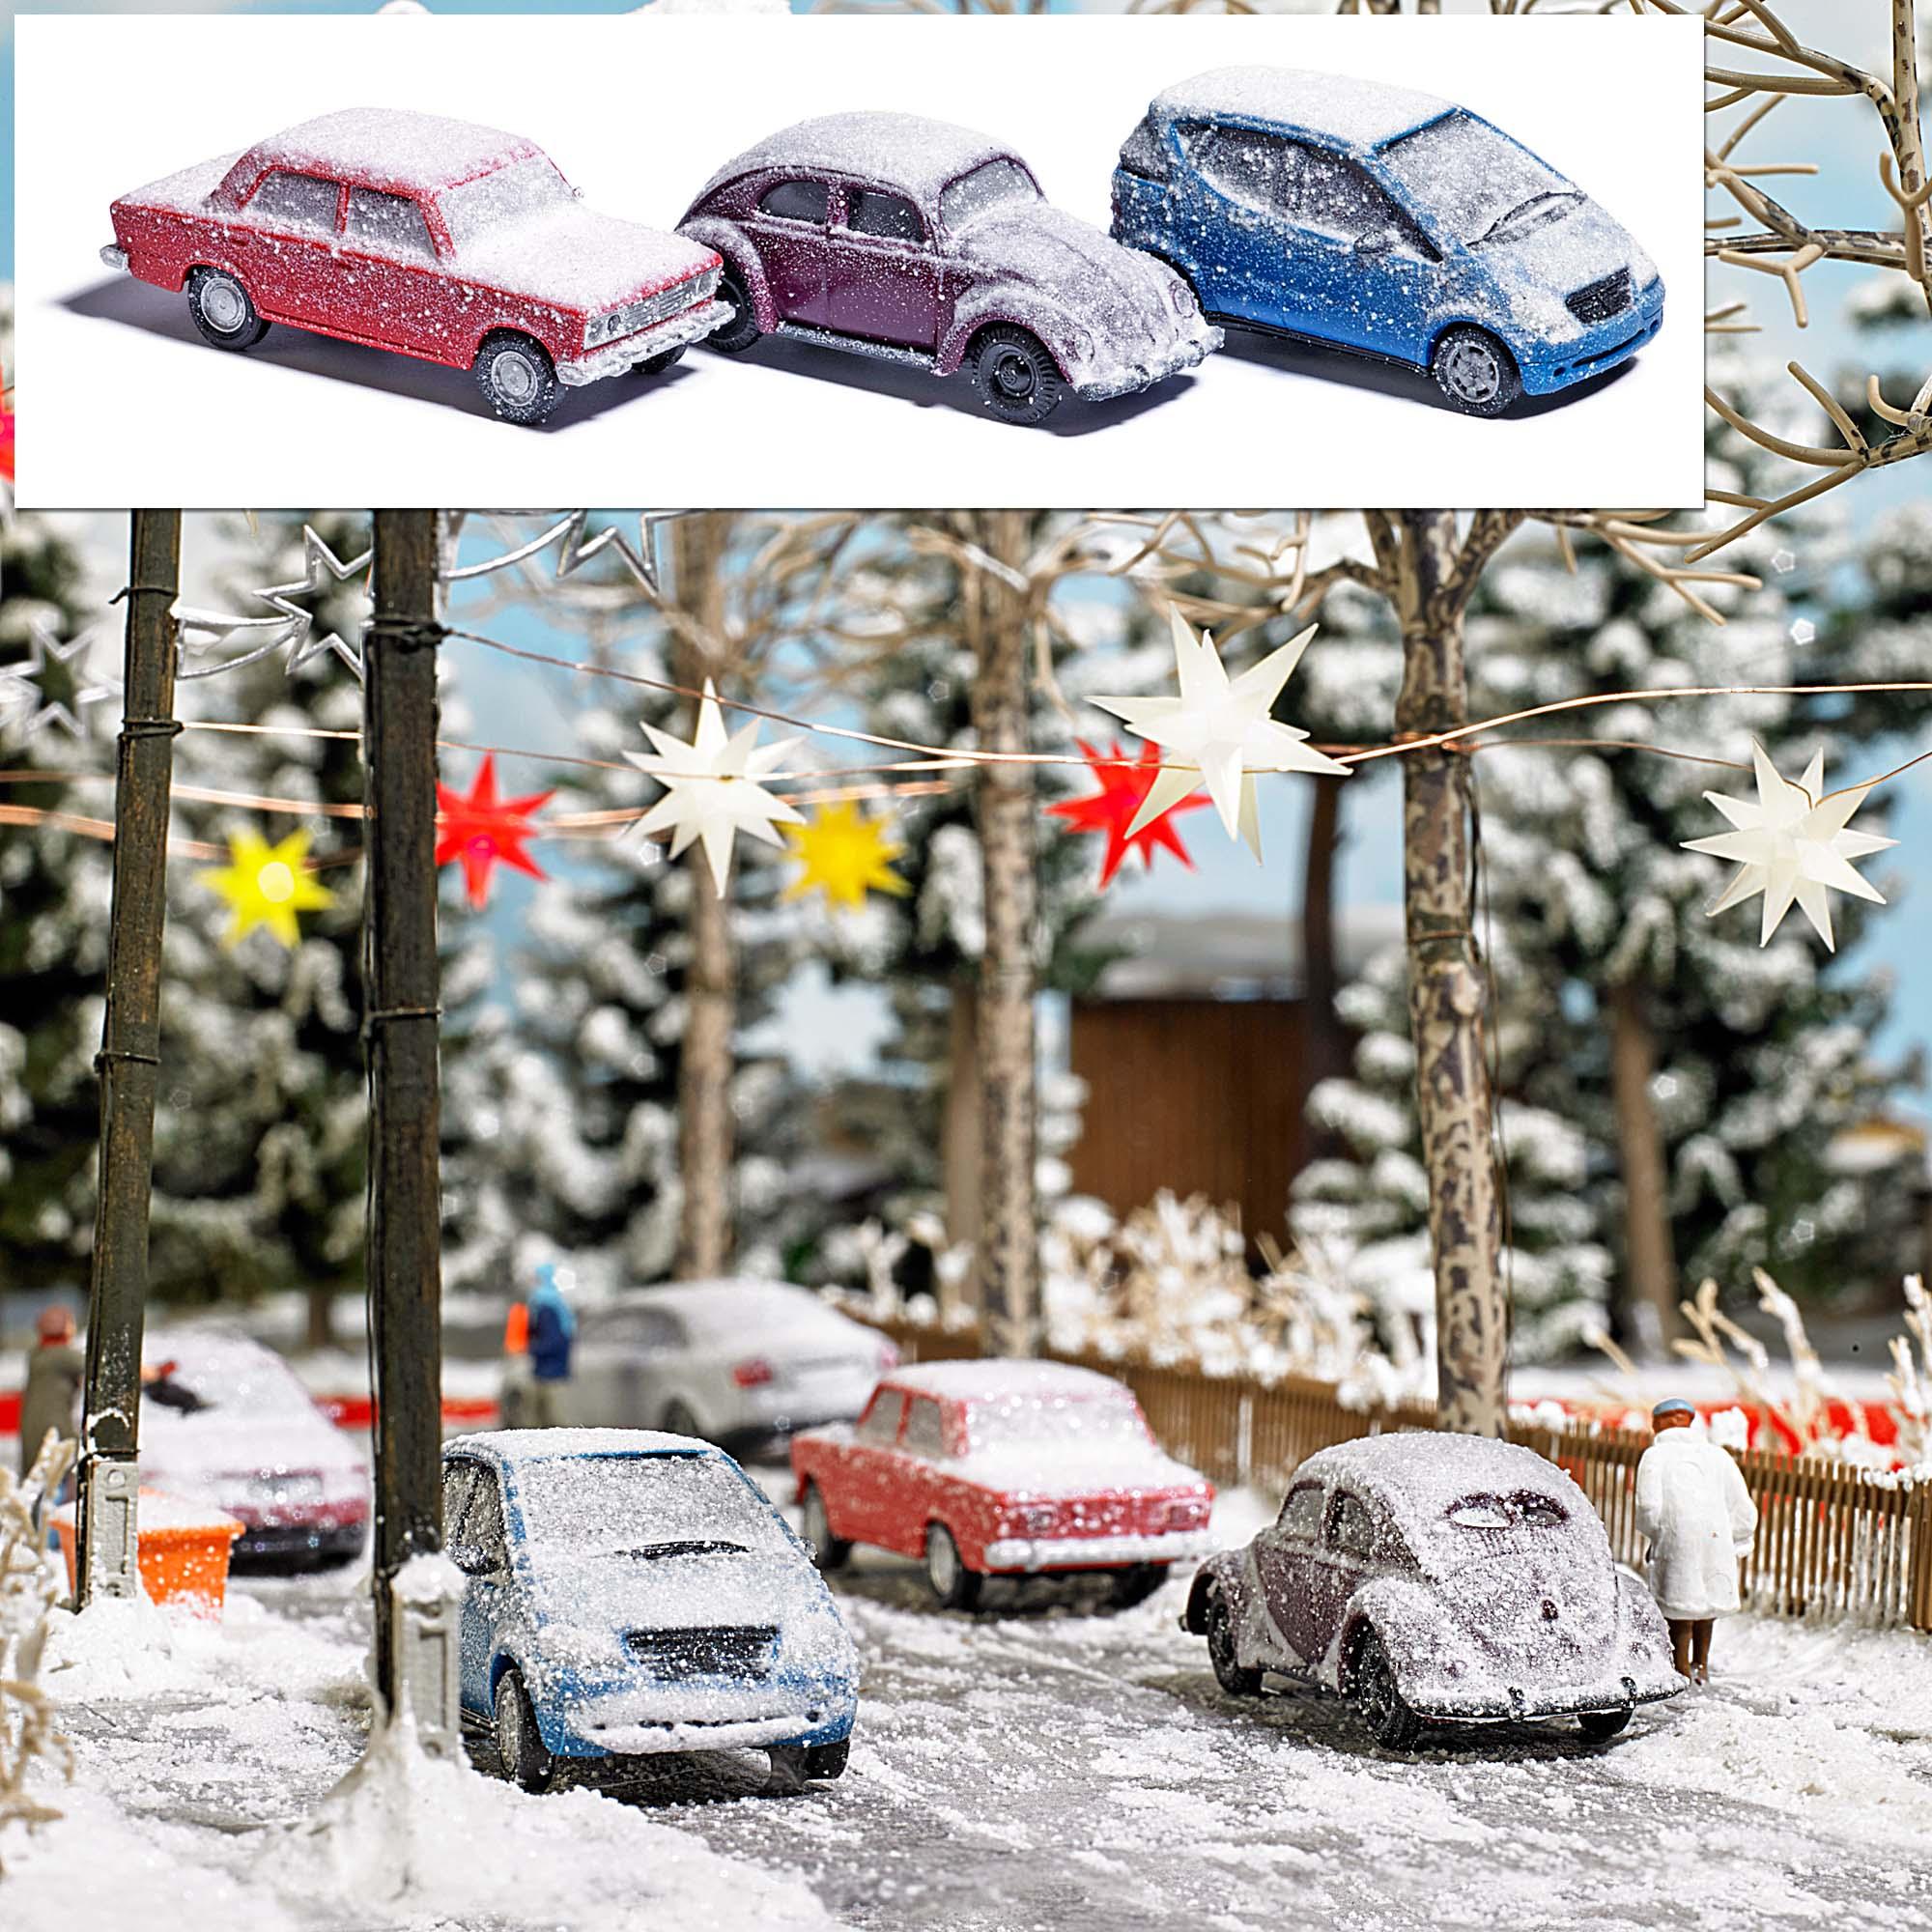 Mercedes-Benz, Lada, VW